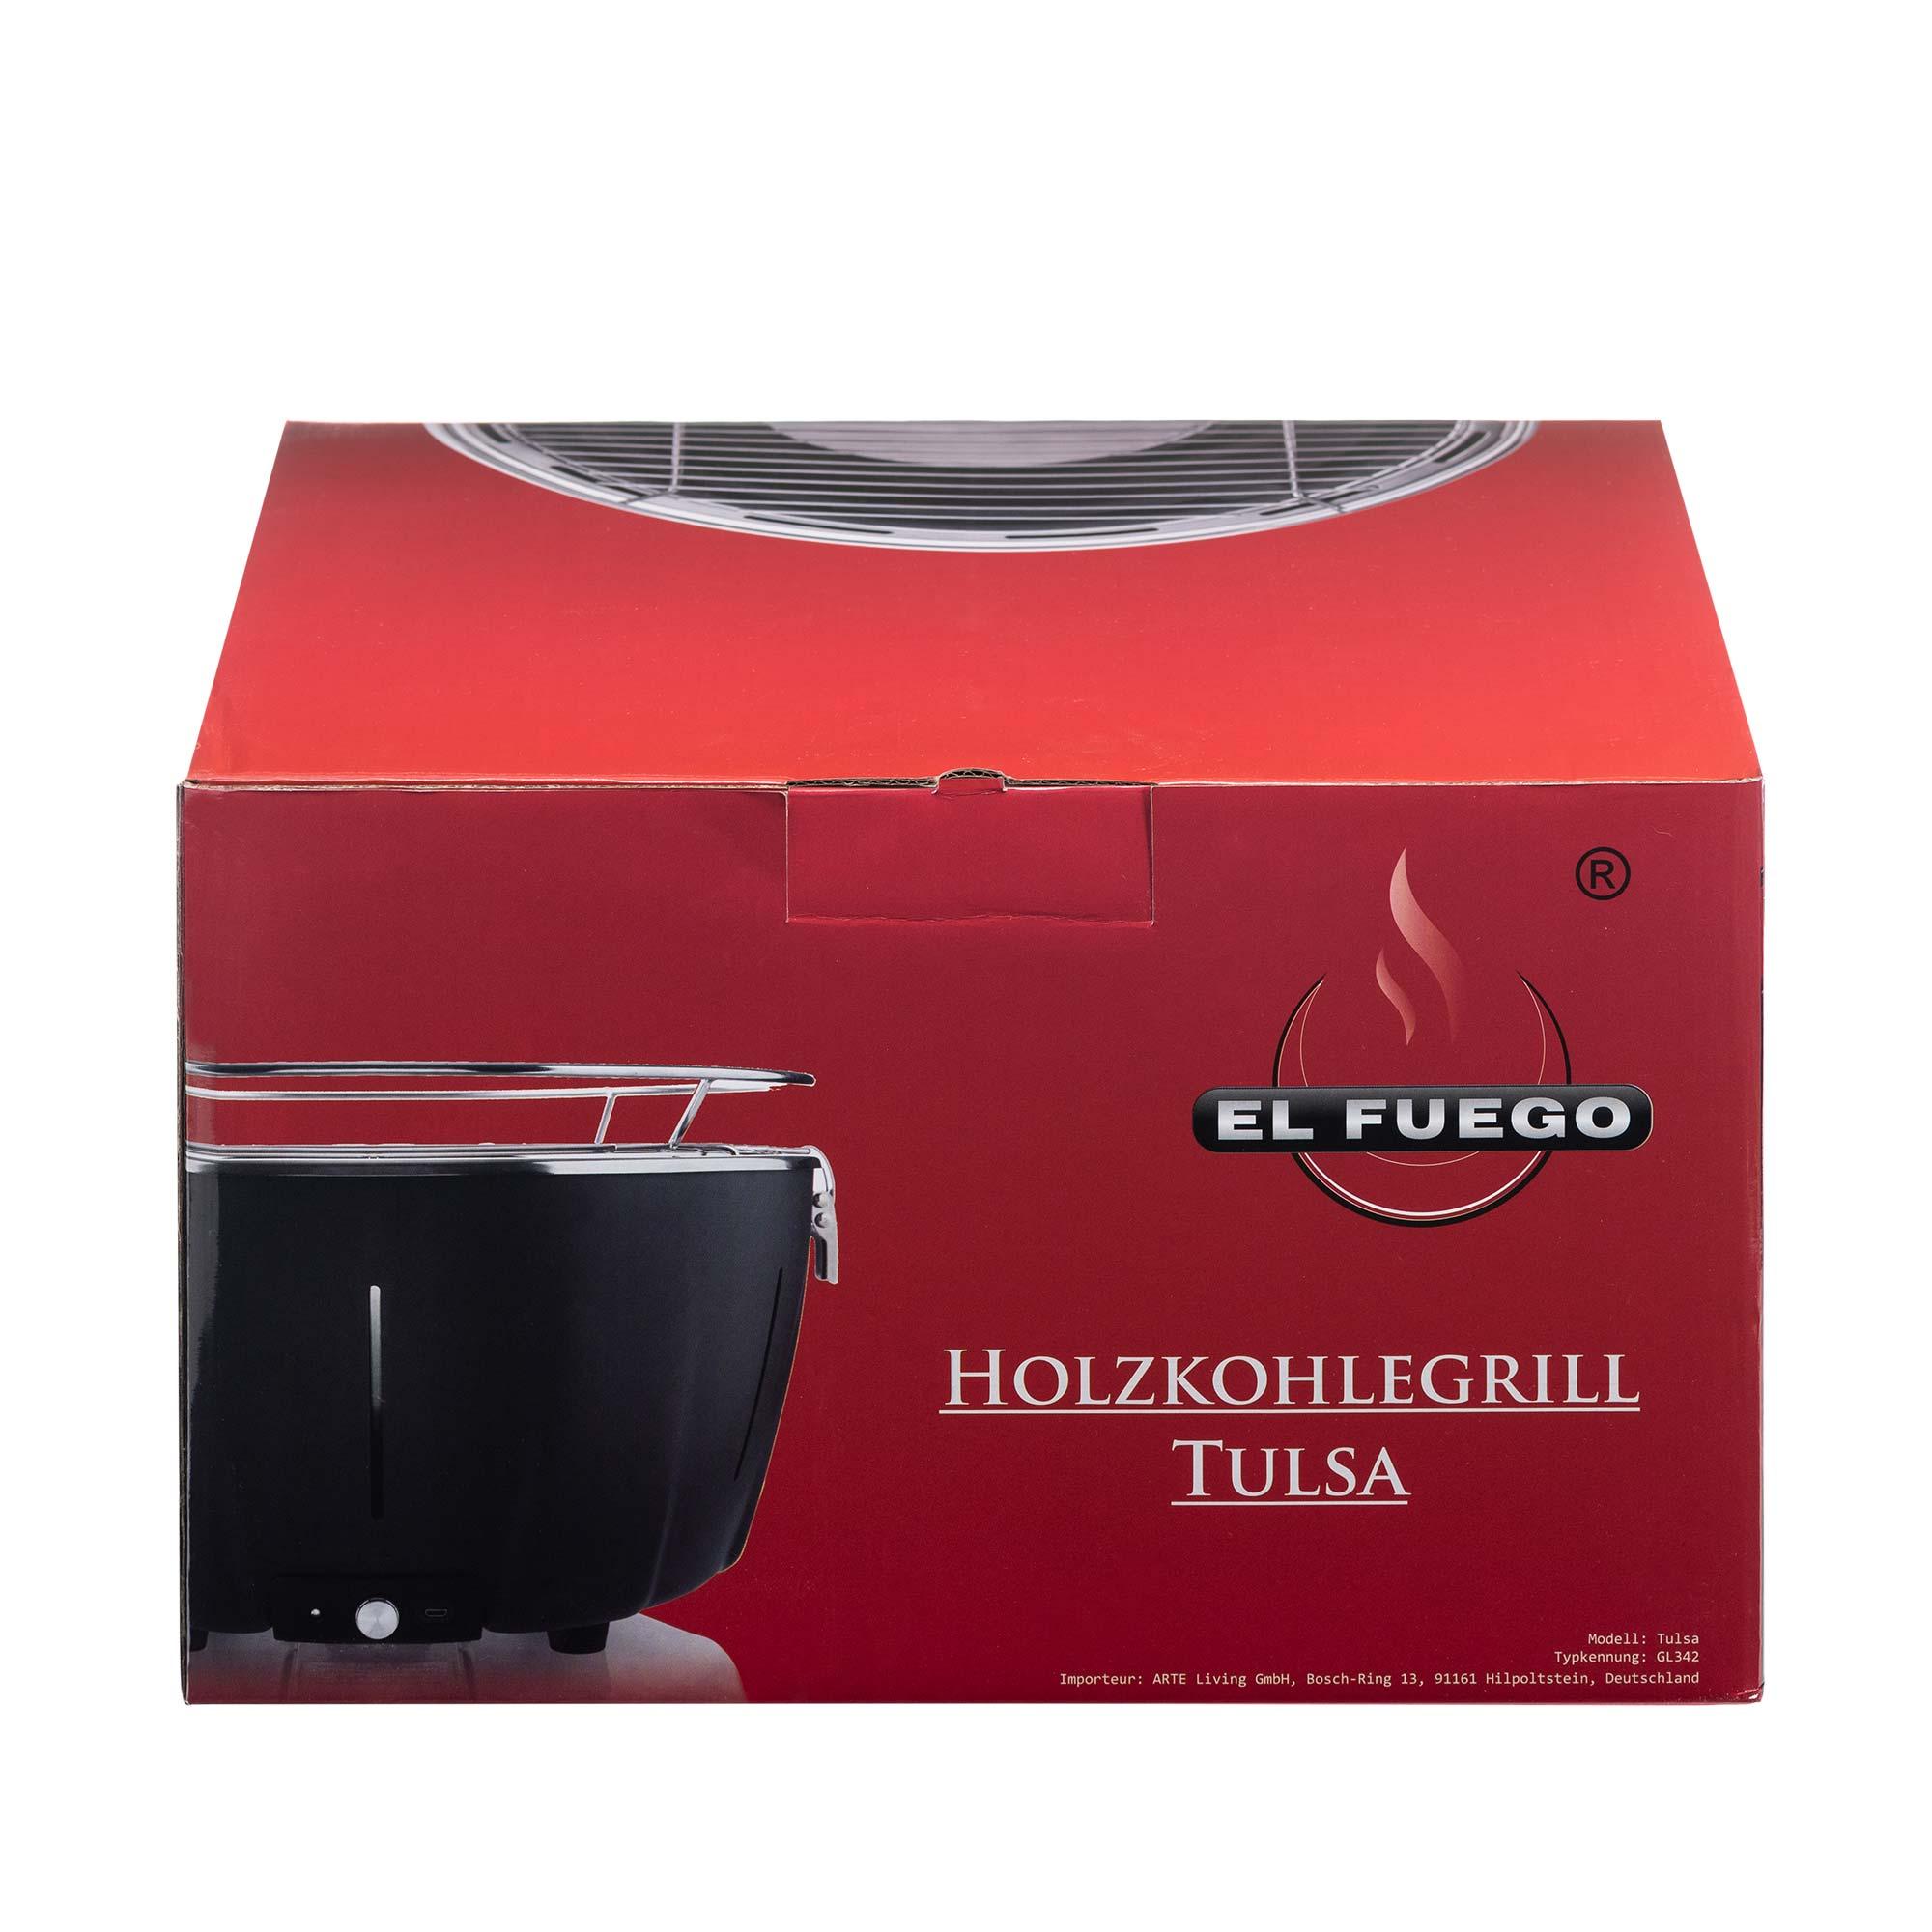 El Fuego Holzkohlegrill Tulsa Die Neue Art Zu Grillen